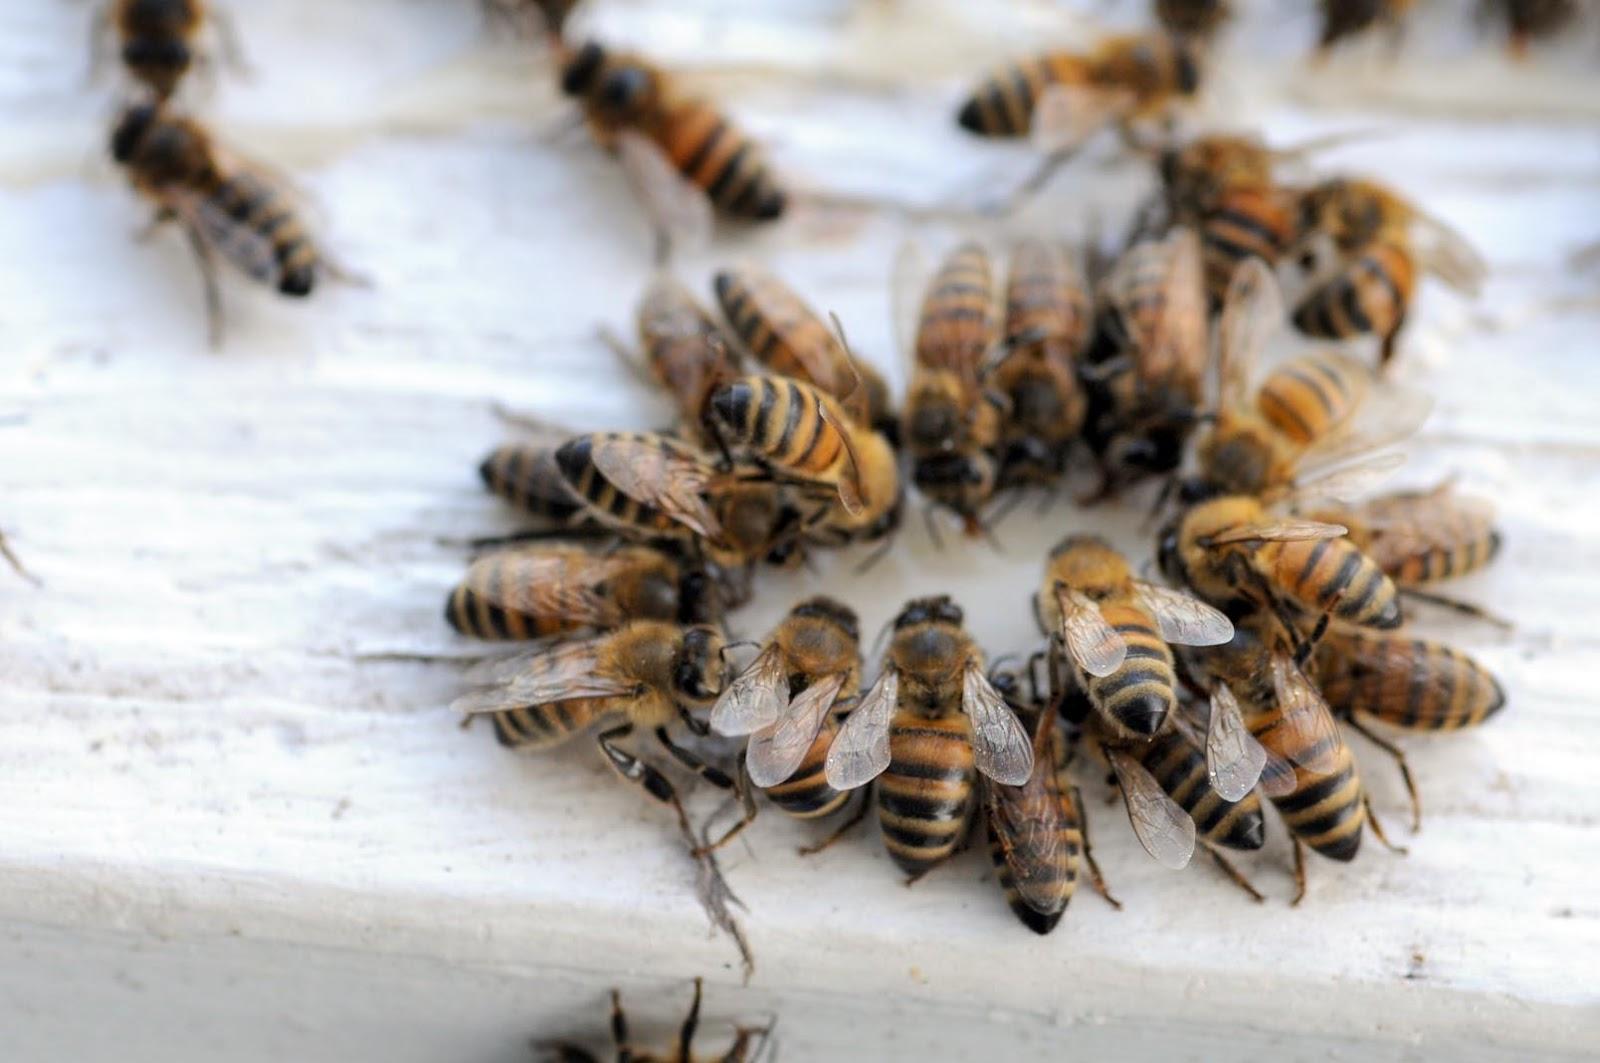 Bal arısı, Arı anatomisi, Arı organları, Arıcılık,